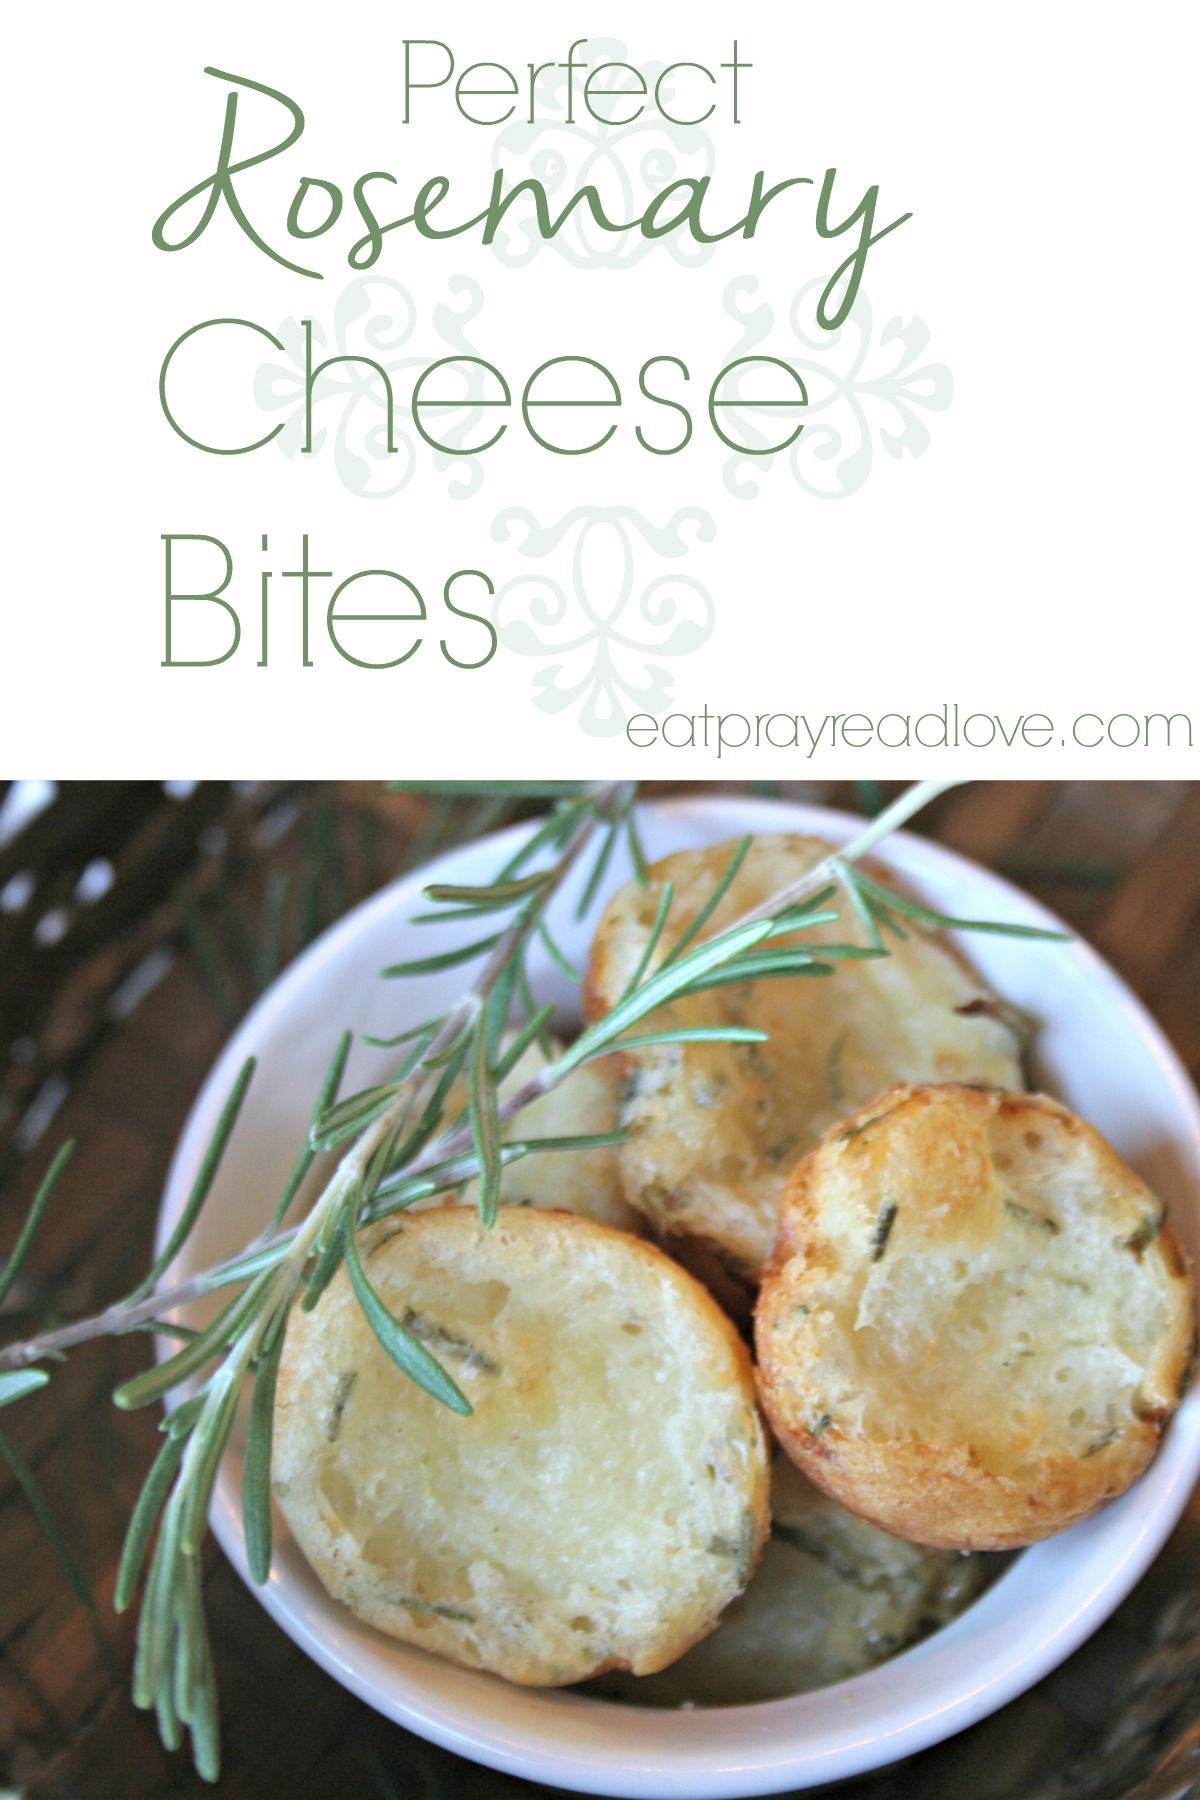 Perfect Rosemary Cheese Bites Recipe